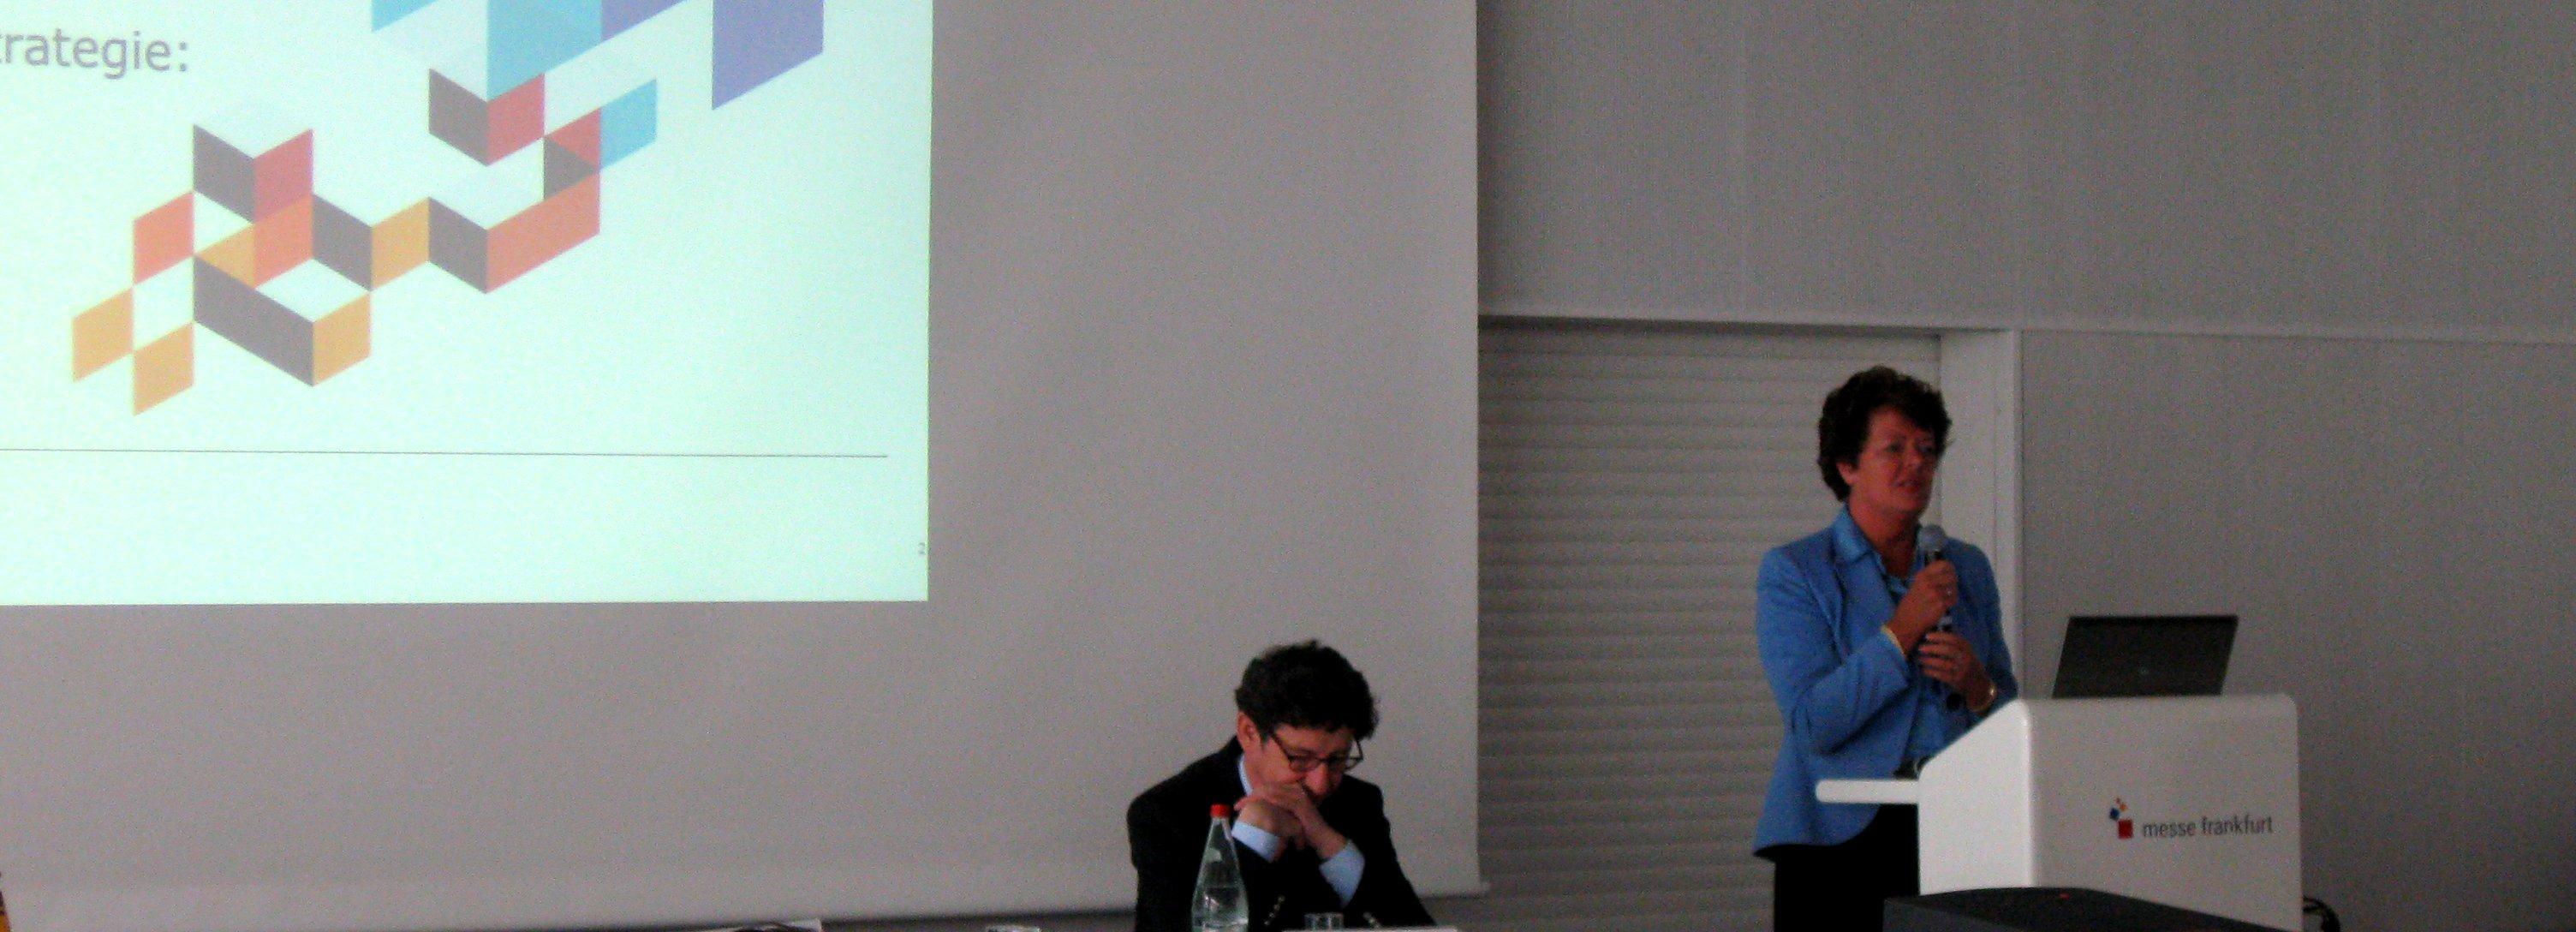 Sabine Graumann von TNS Infratest